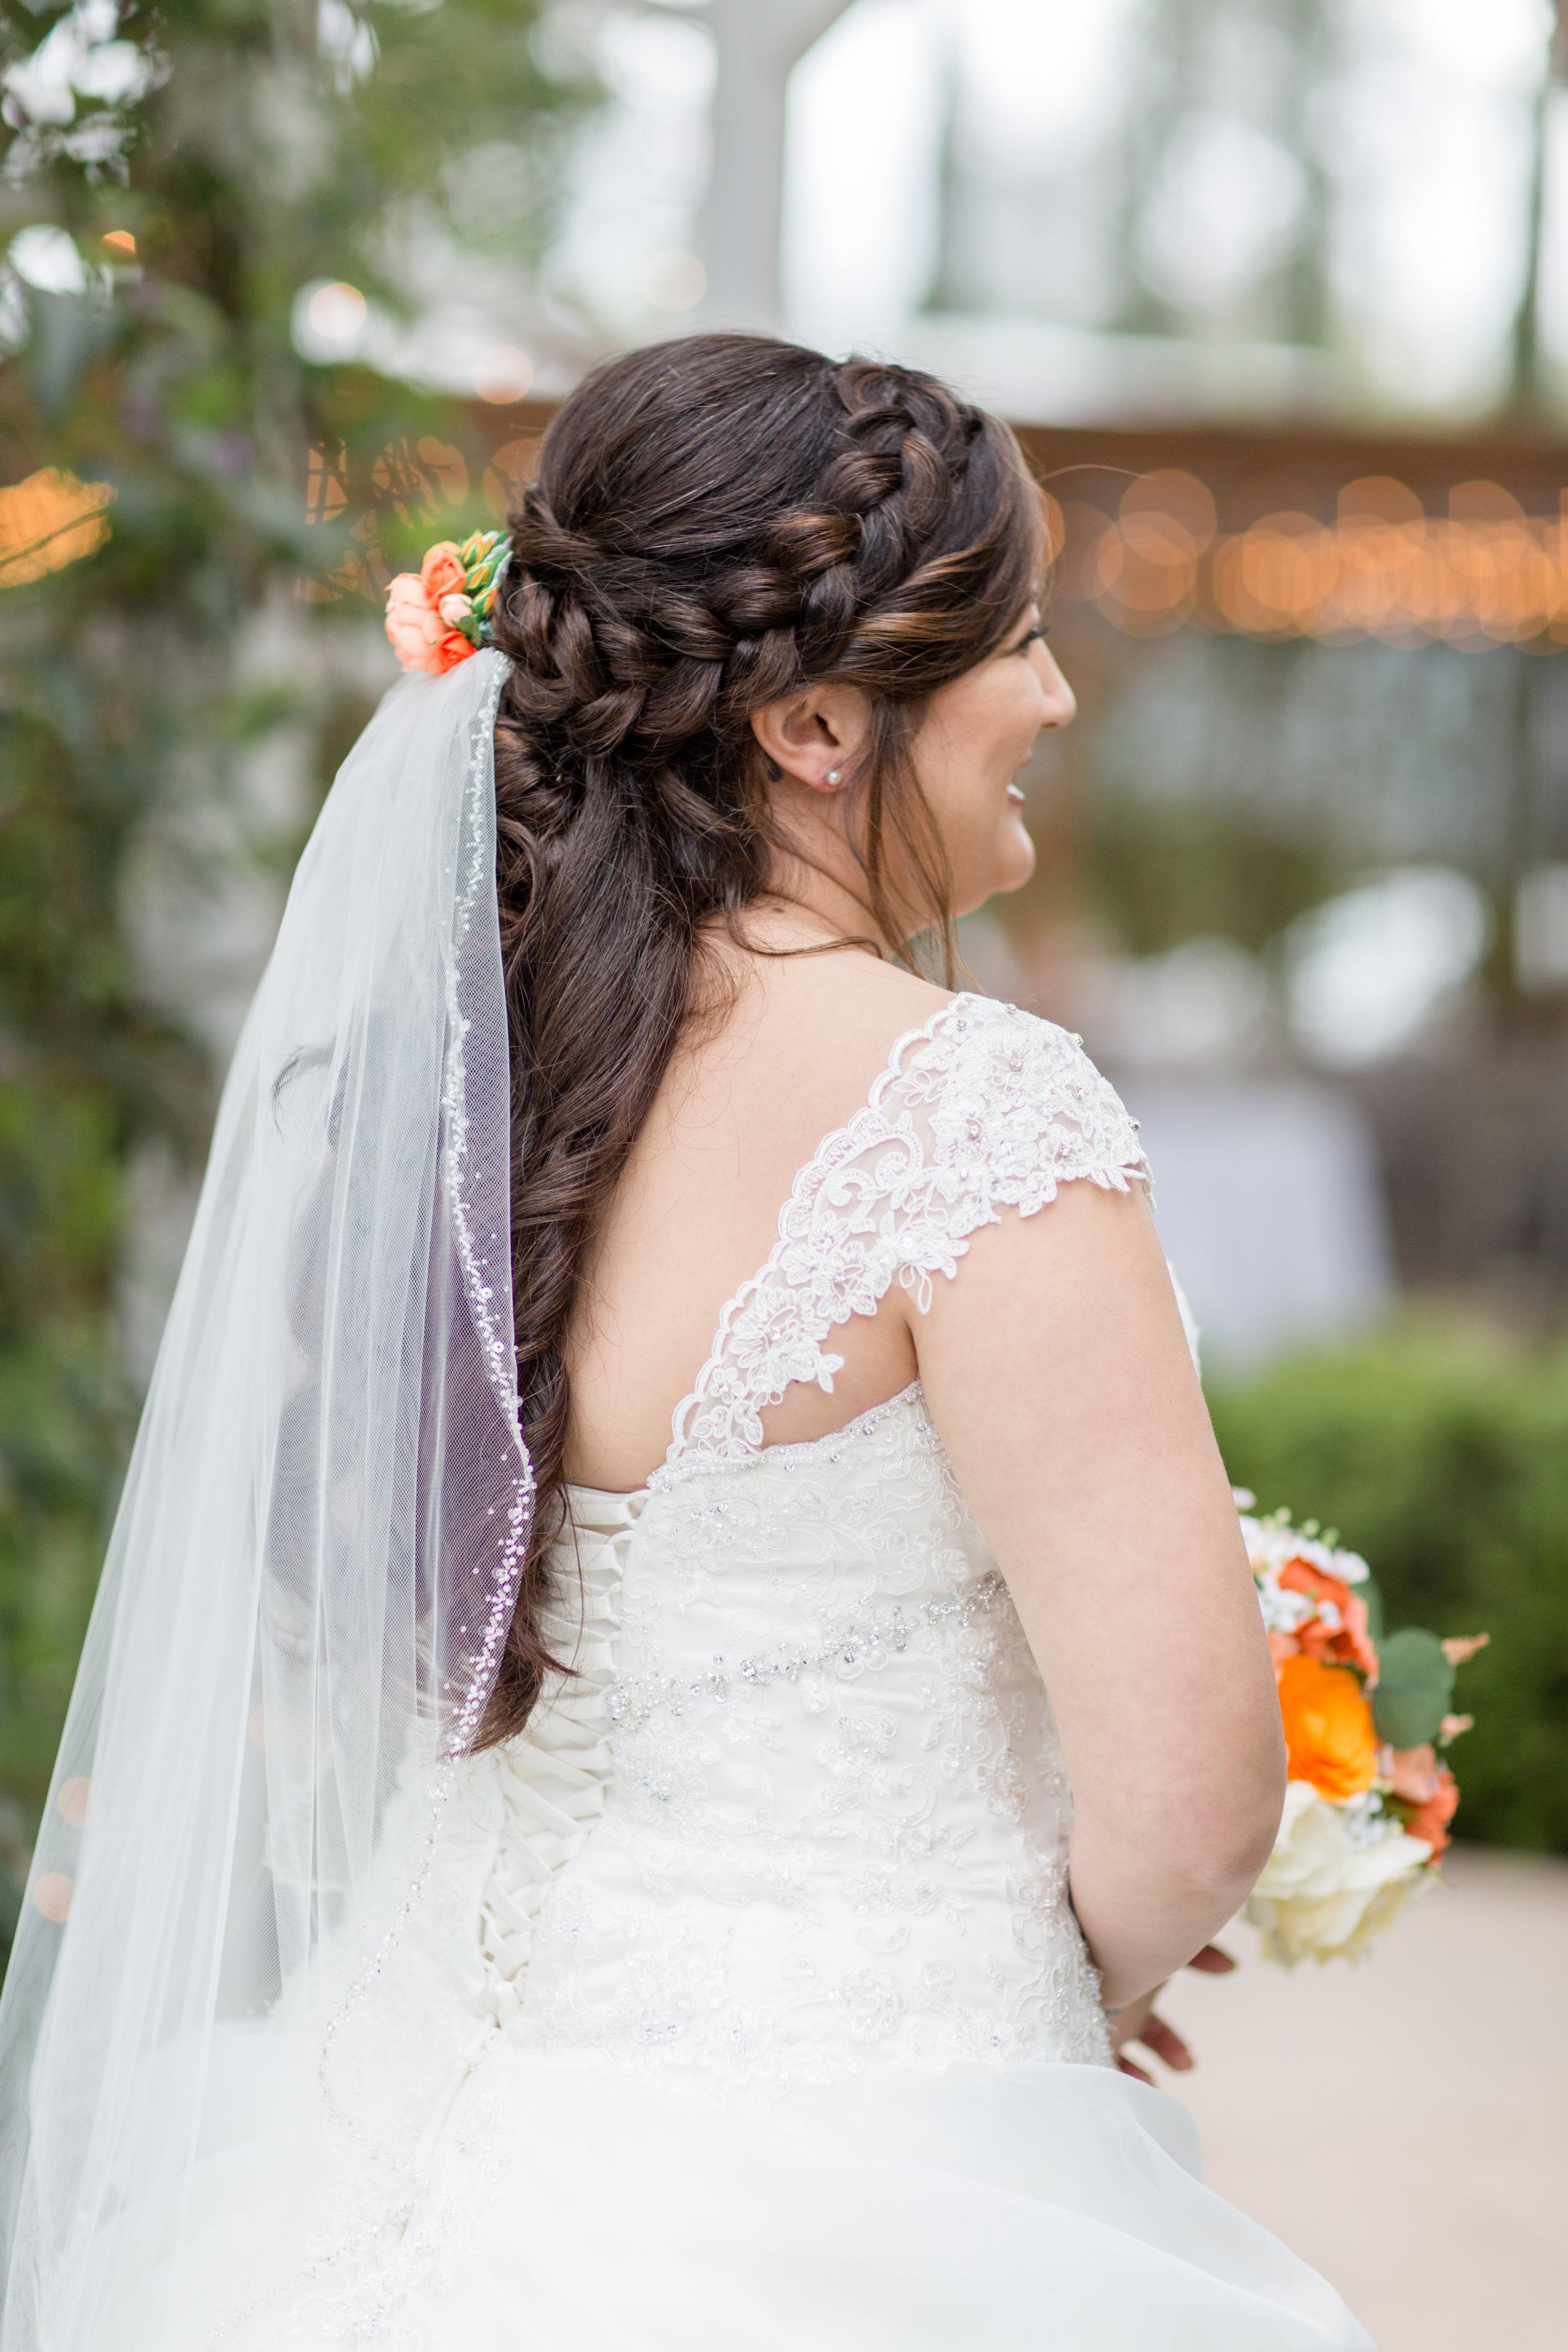 long hair wedding style